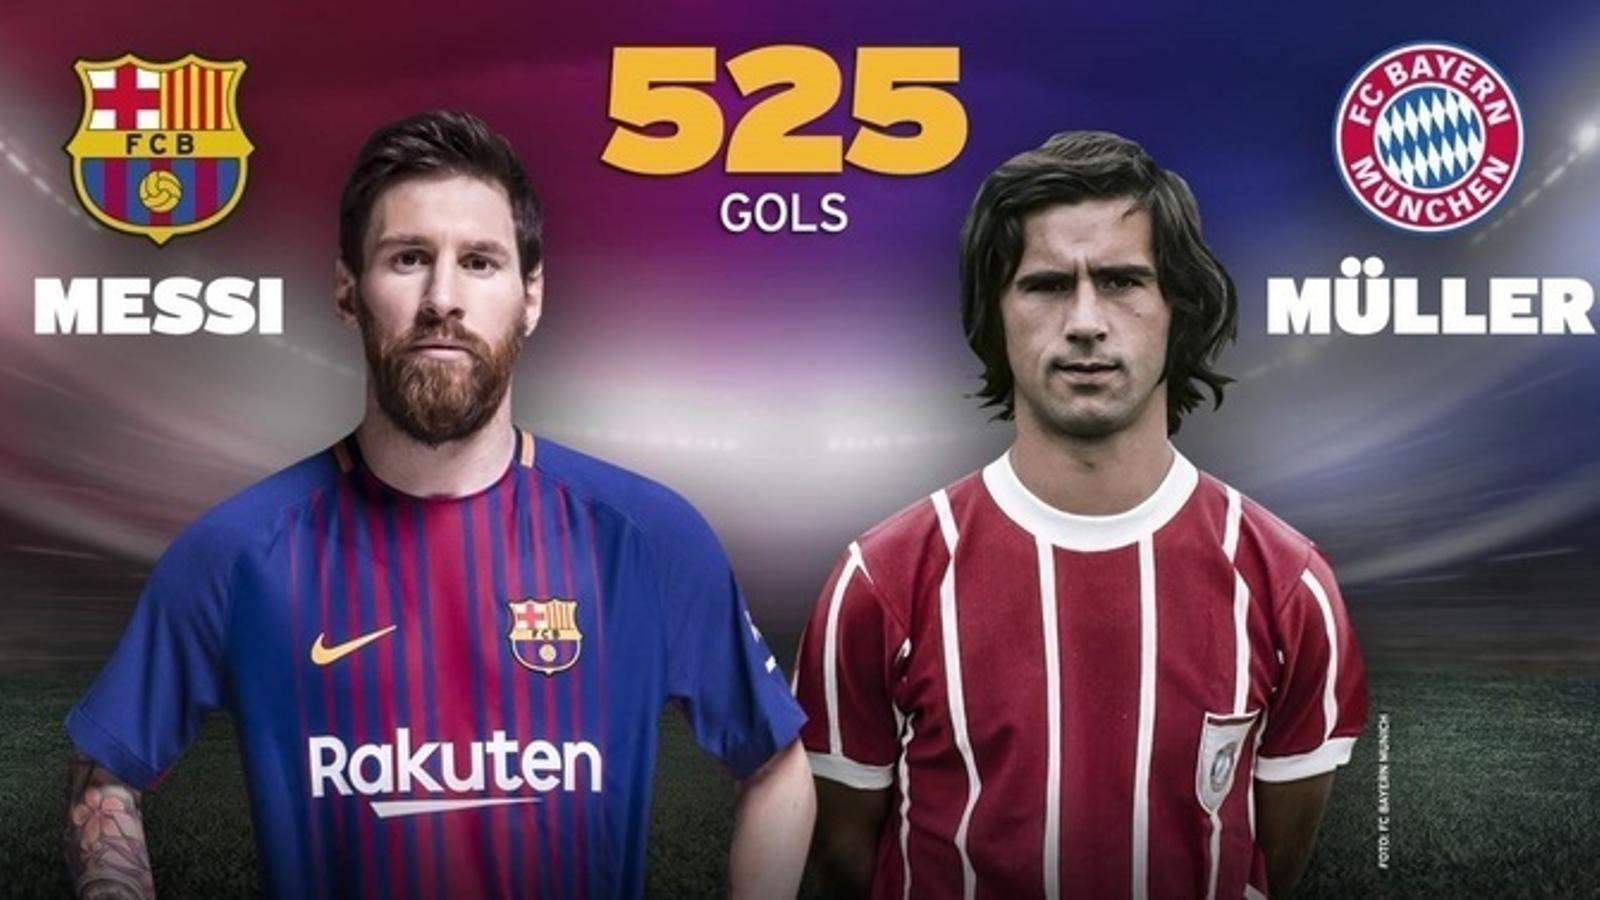 """Messi encara necessita 27 gols per empatar amb Müller, segons el diari """"Bild"""""""